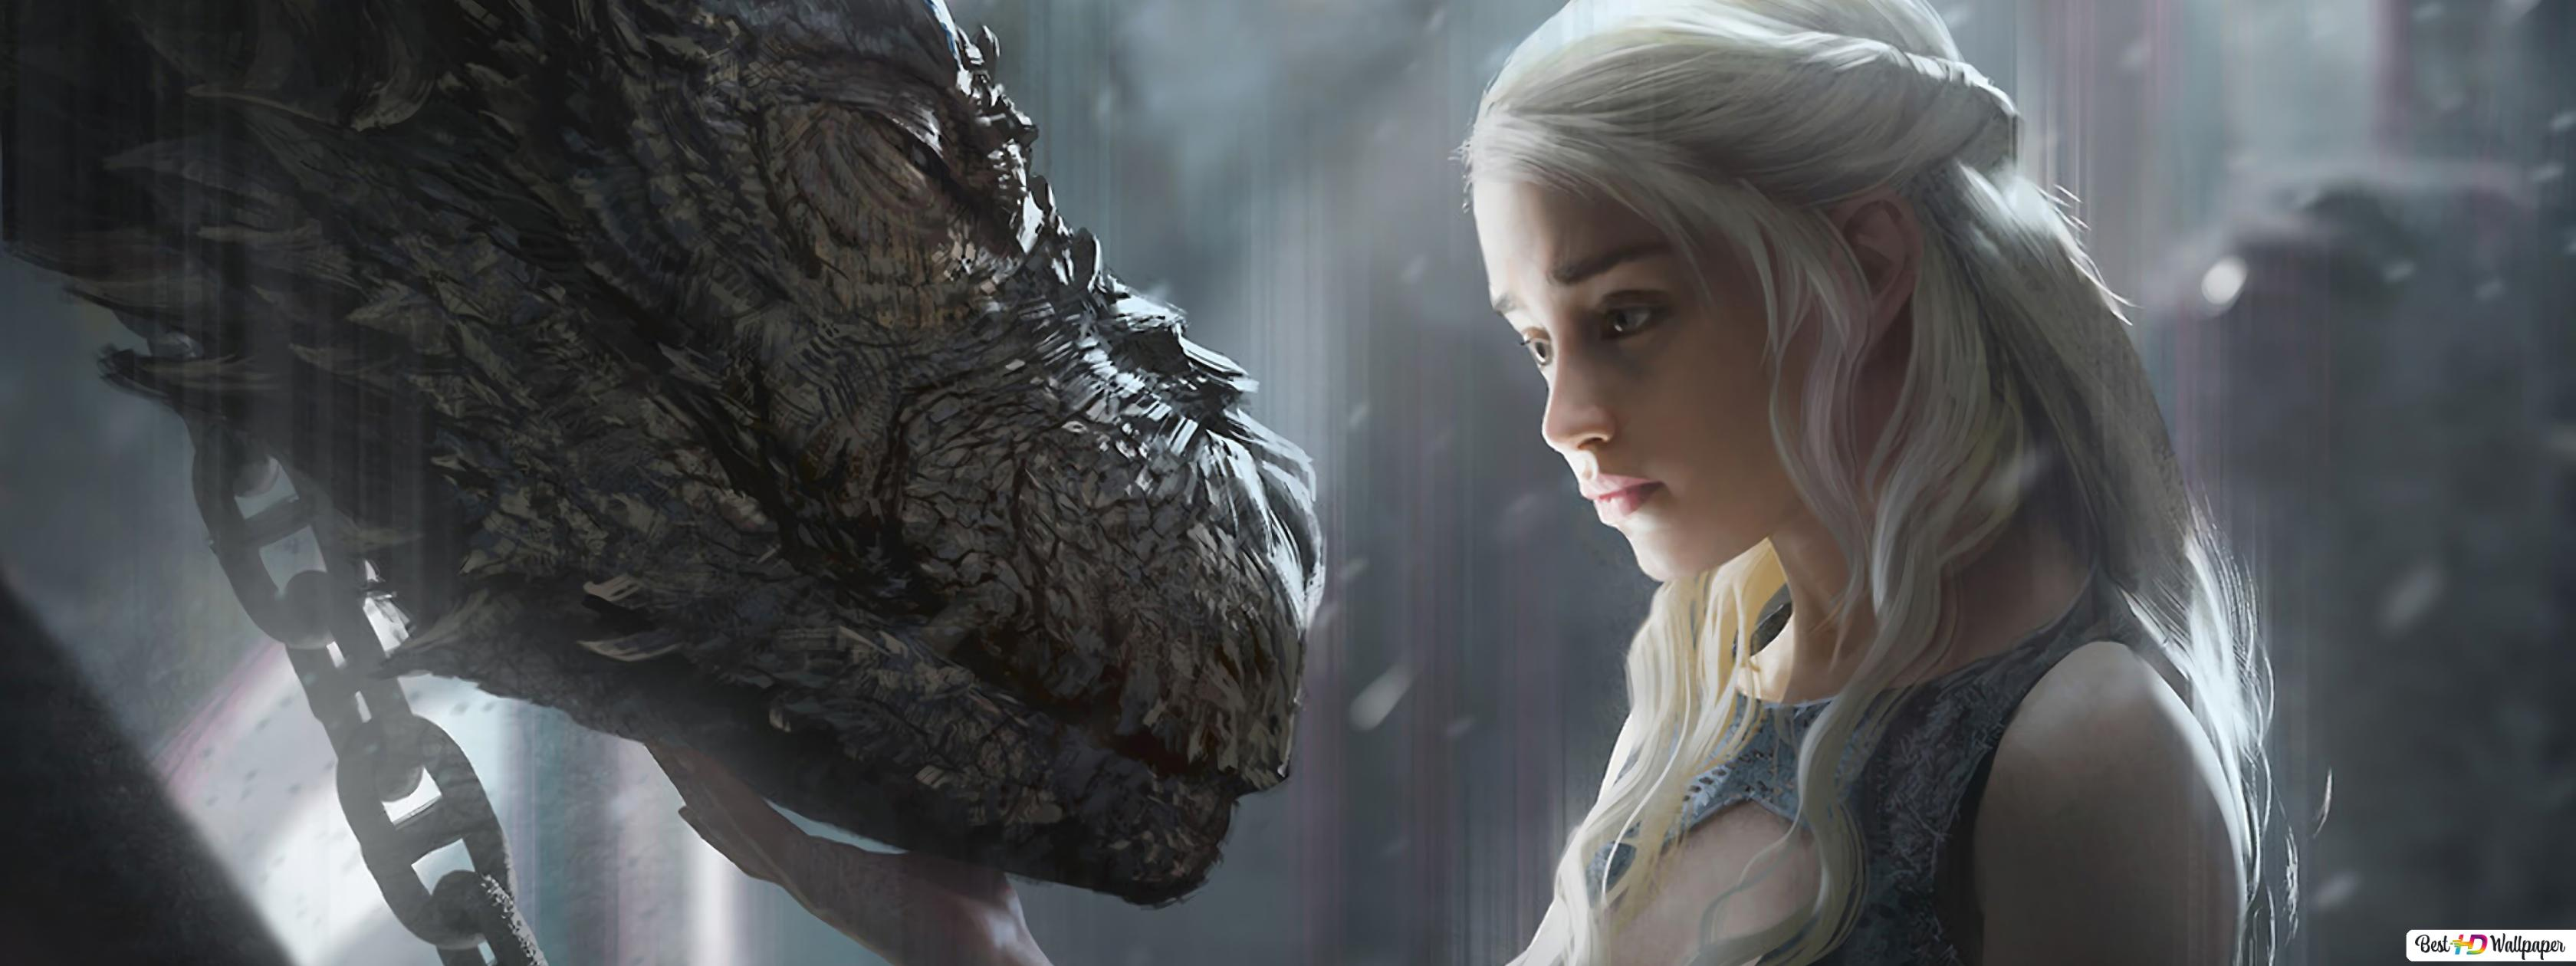 Game Of Thrones Daenerys Targaryen Dragon Hd Wallpaper Download